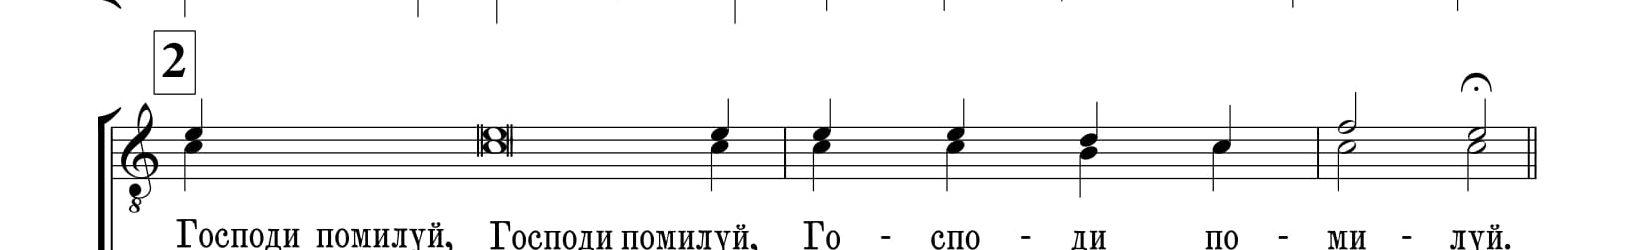 Сугубая ектения А. Кастальский